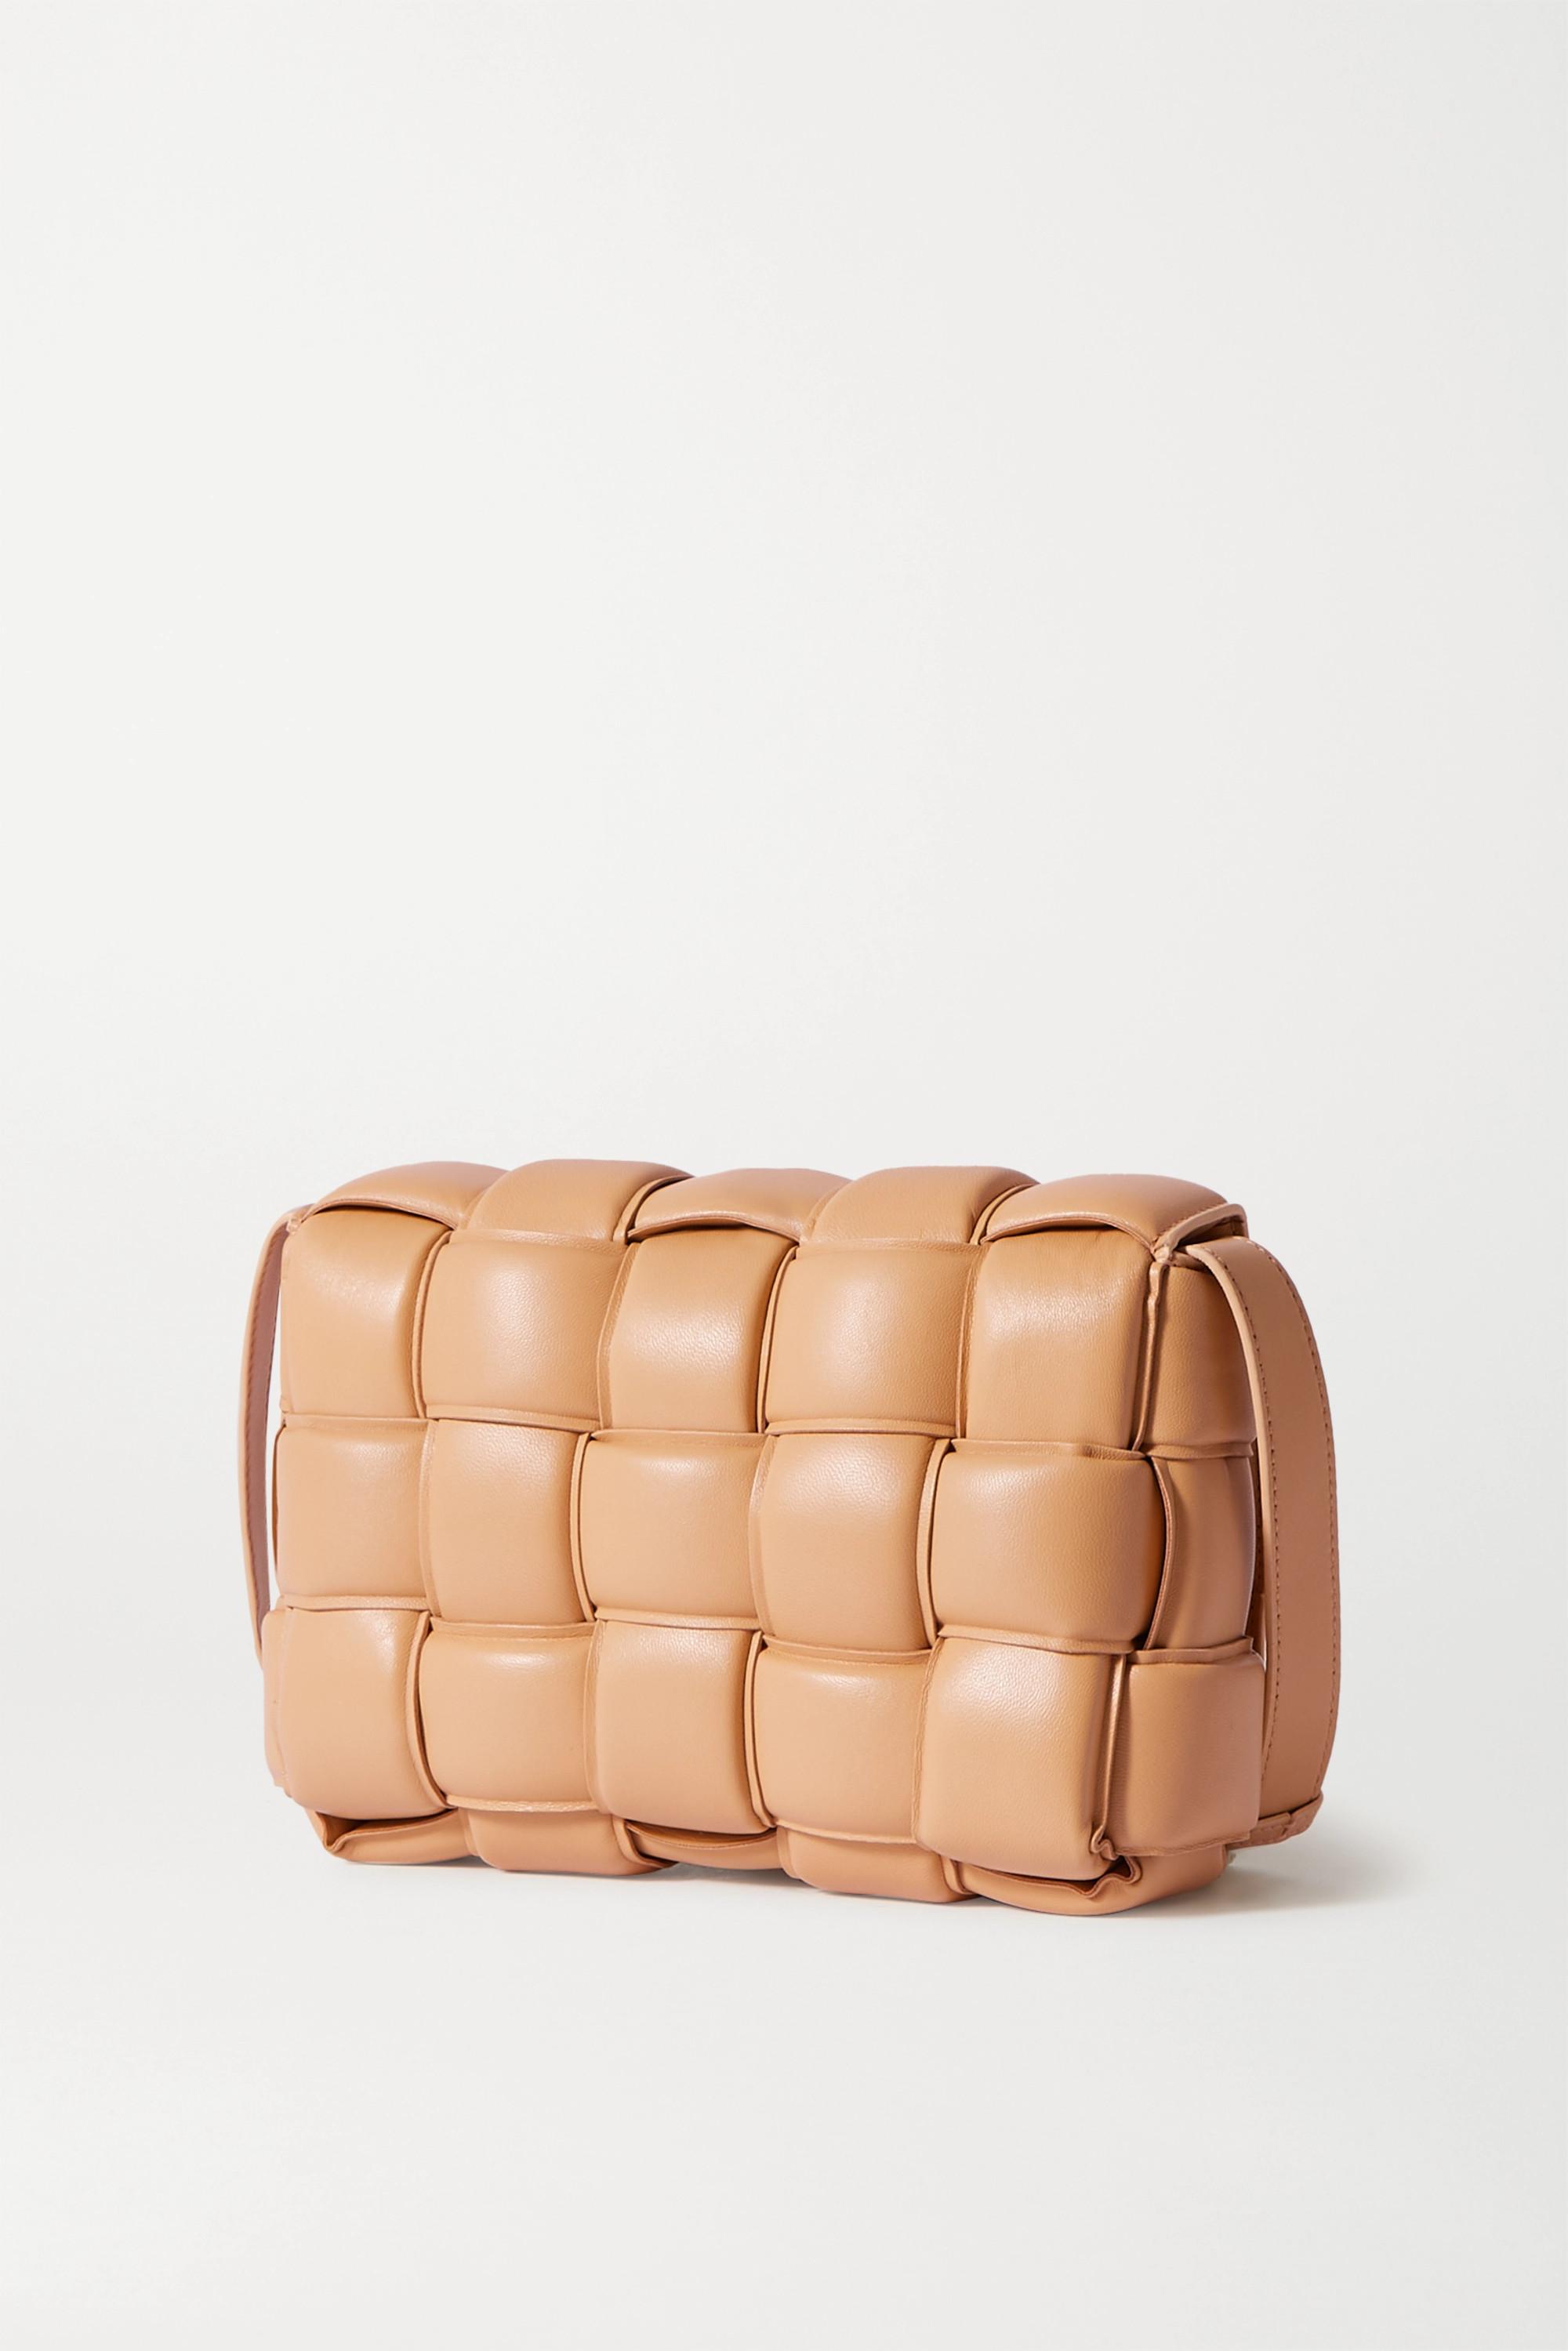 Bottega Veneta Sac porté épaule en cuir intrecciato matelassé Cassette